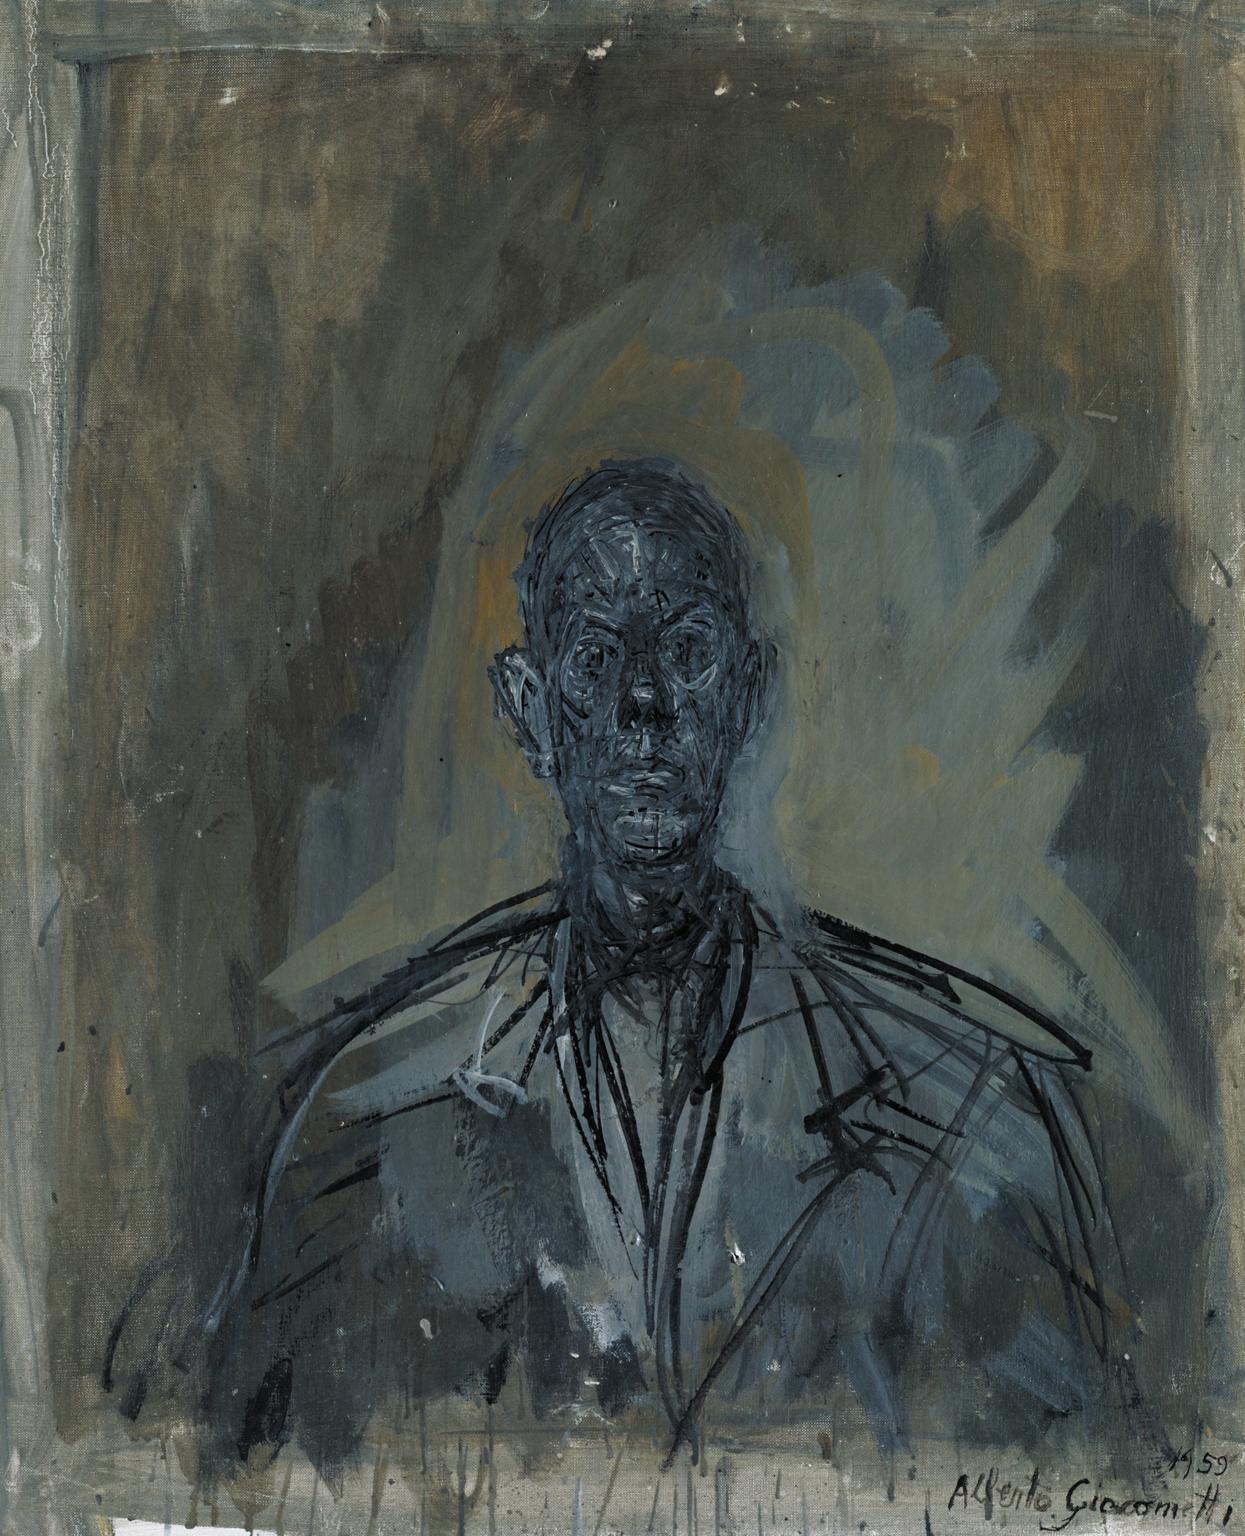 Альберто Джакометти. «Диего», 1959. Из коллекции Tate, Лондон